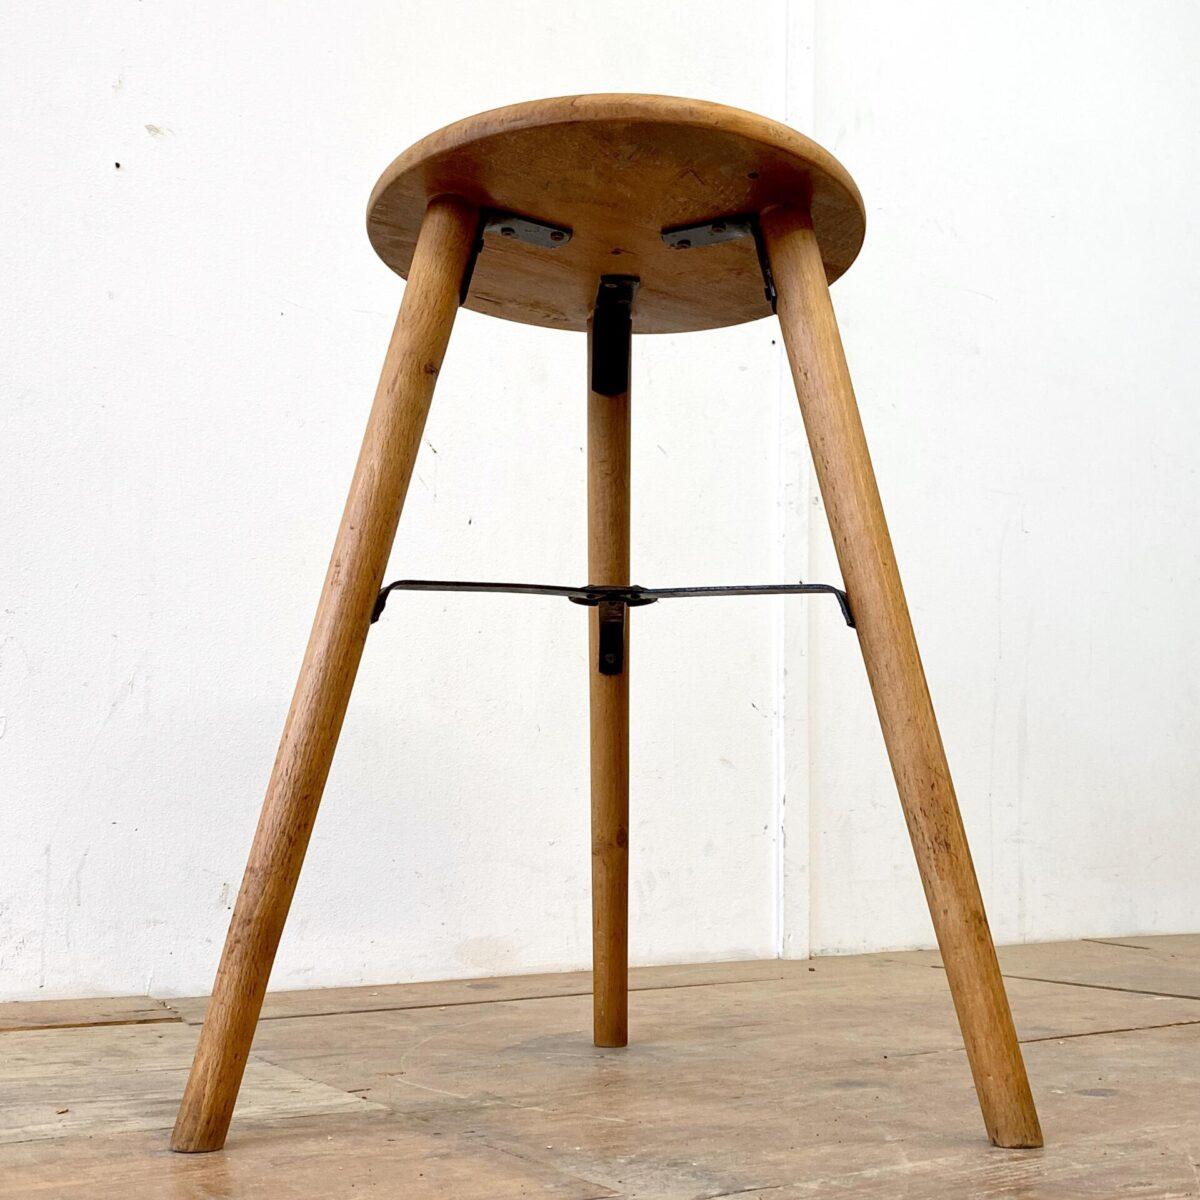 Deuxieme.shop industrial Dreibeinhocker. Alter Werkstatt Stuhl aus Buchenholz. Durchmesser der Sitzfläche ist 35cm Höhe 62.5cm. Die konischen Rundbeine sind in die Sitzfläche gesteckt, und haben eine kreuz Verstrebung aus Metall.